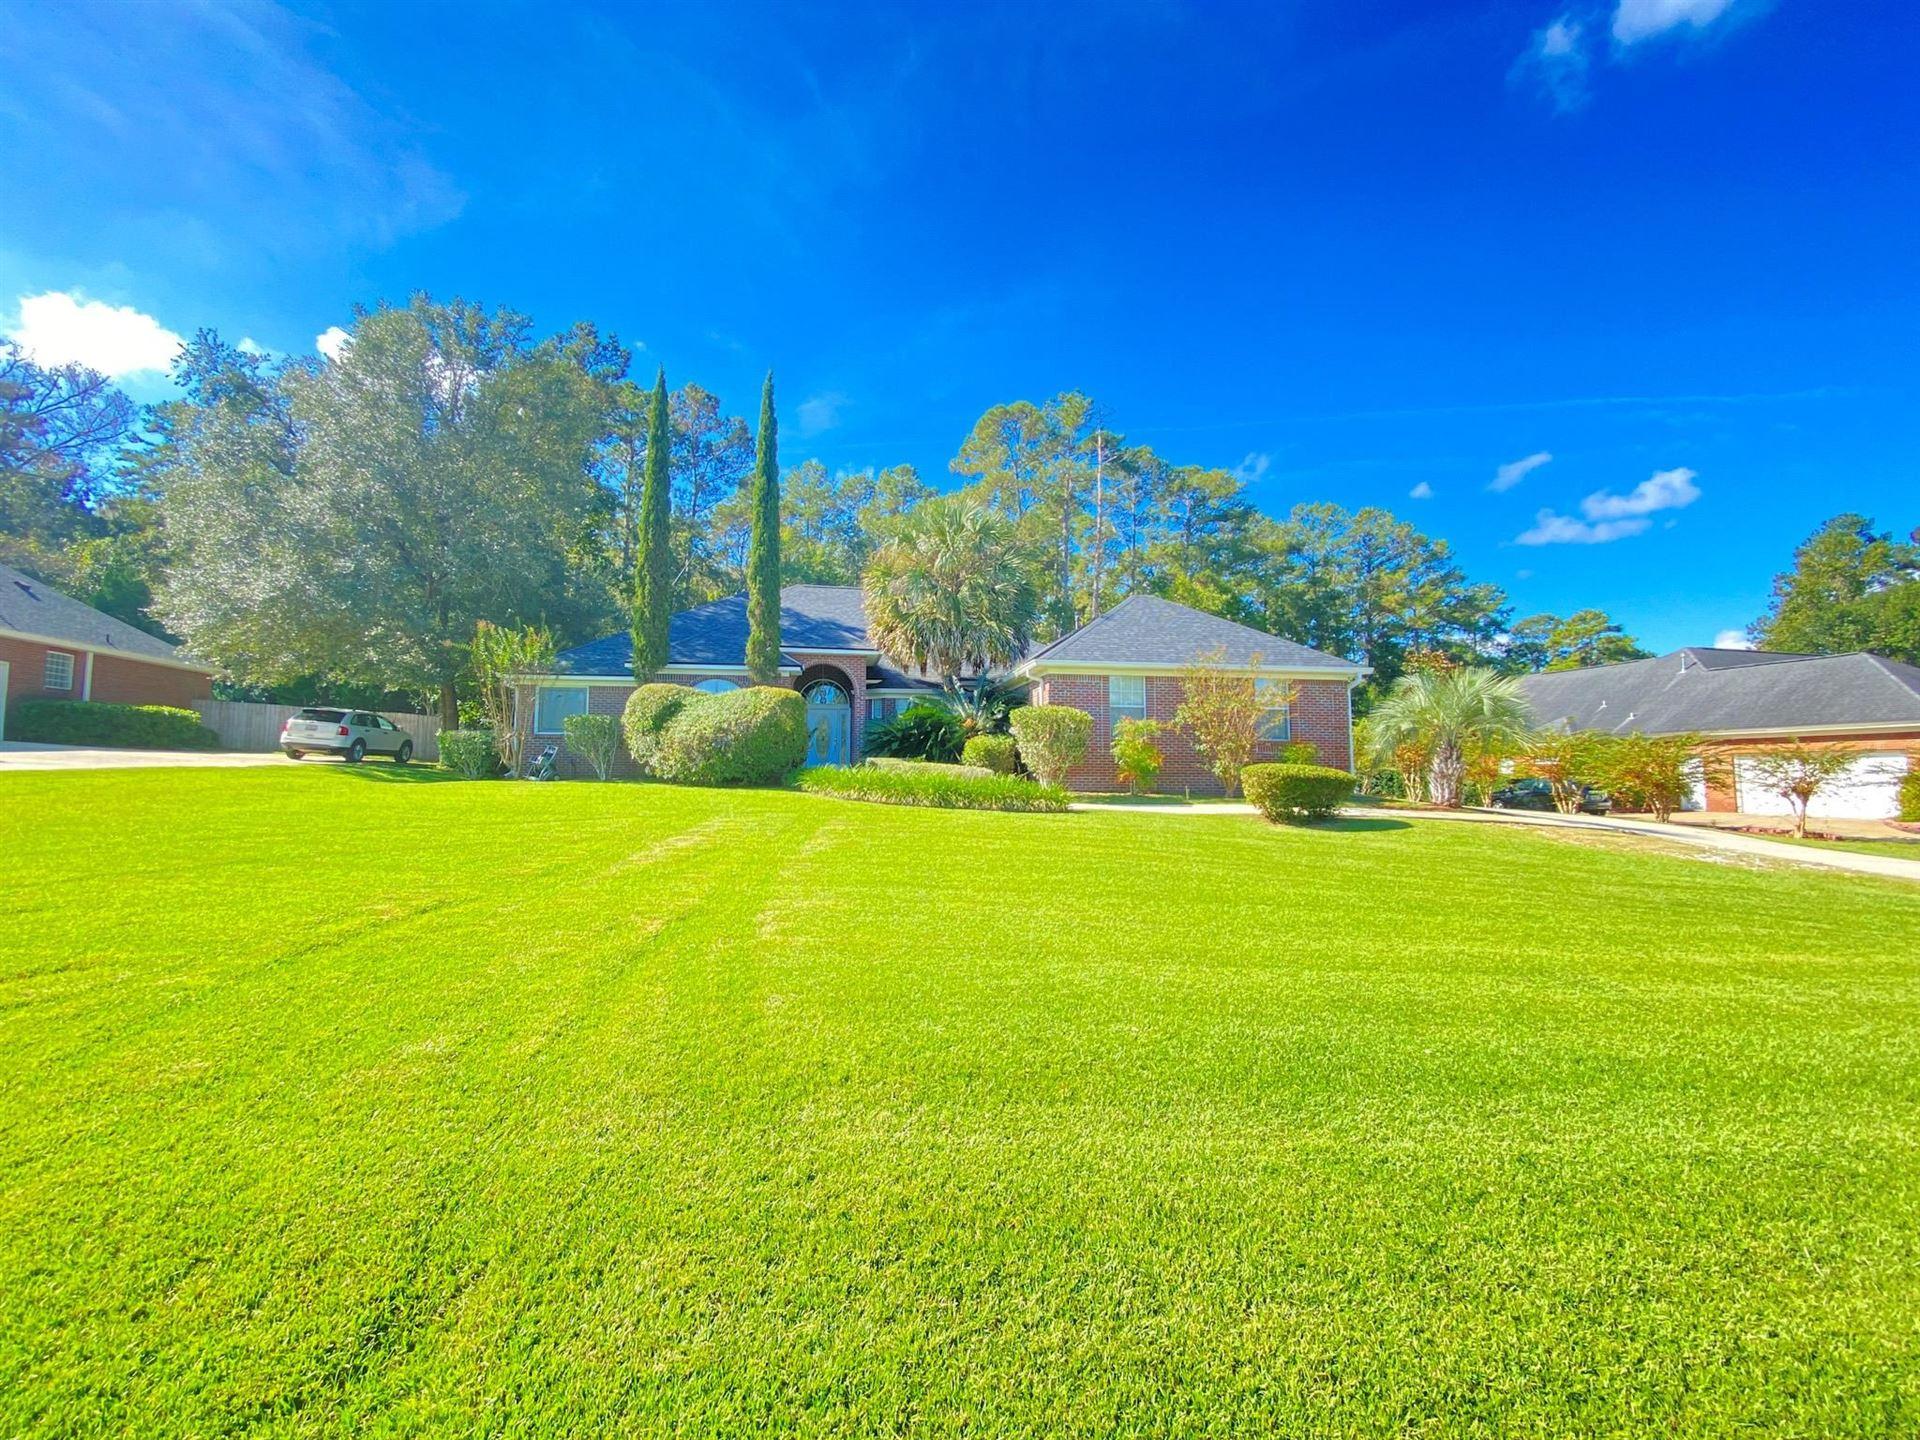 2177 Gates Drive, Tallahassee, FL 32312 - MLS#: 338394